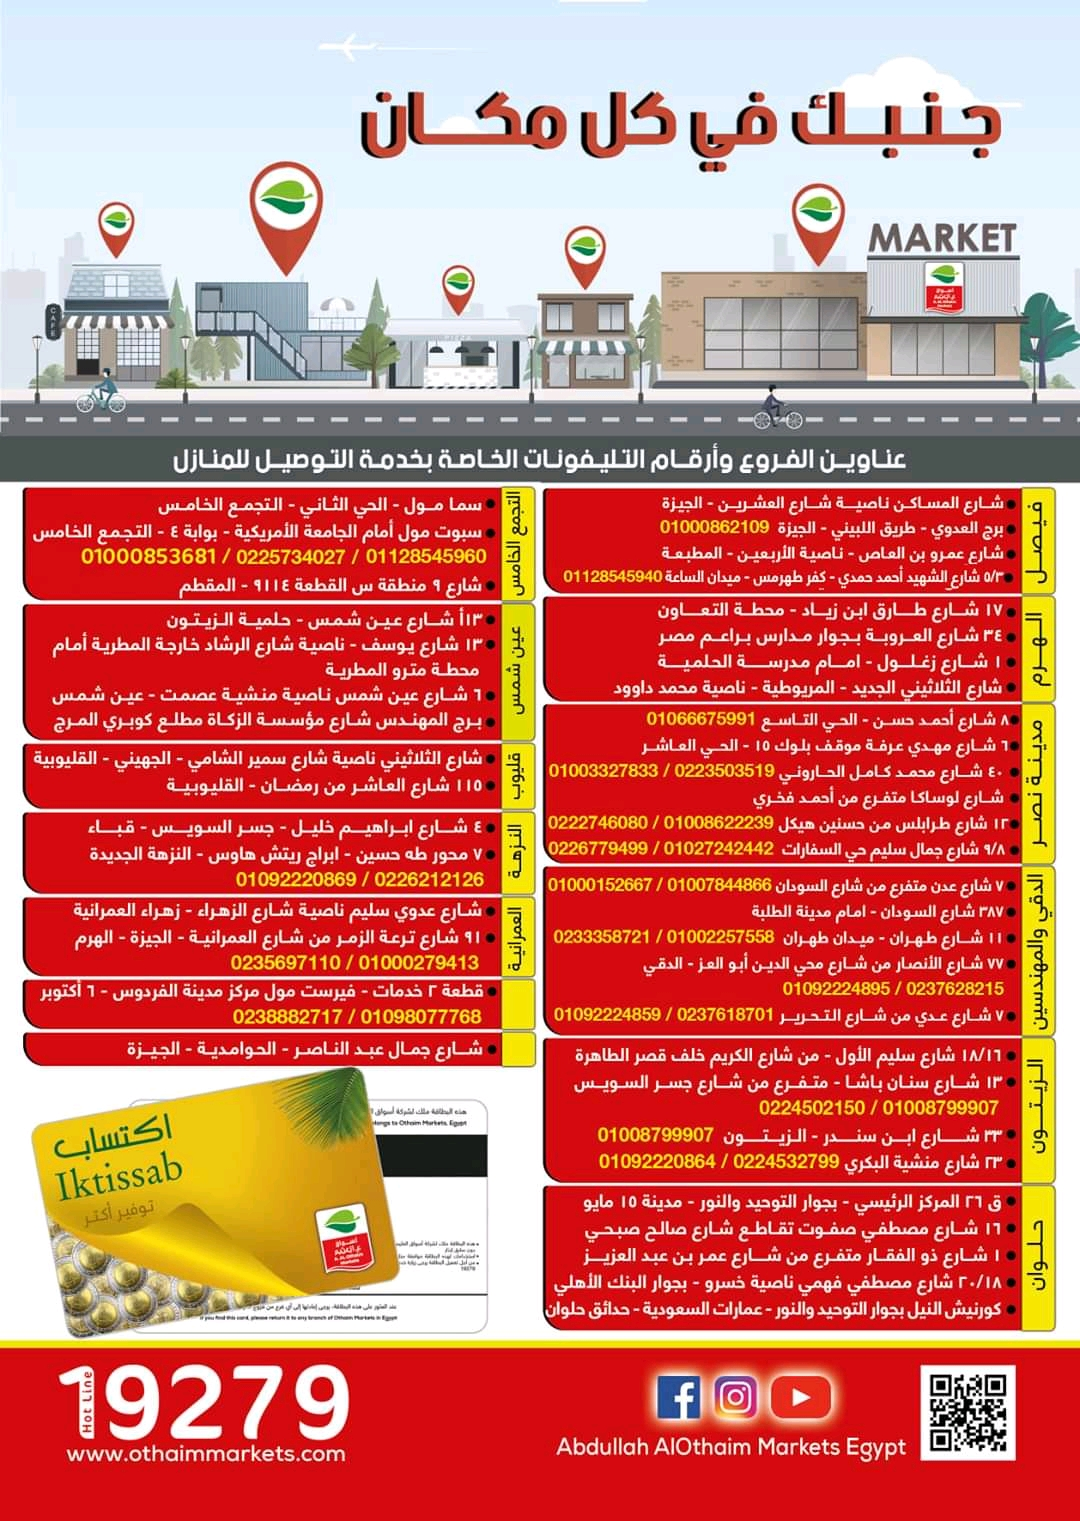 عروض العثيم مصر من 16 نوفمبر حتى 30  نوفمبر 2020 عروض الجمعة البيضاء